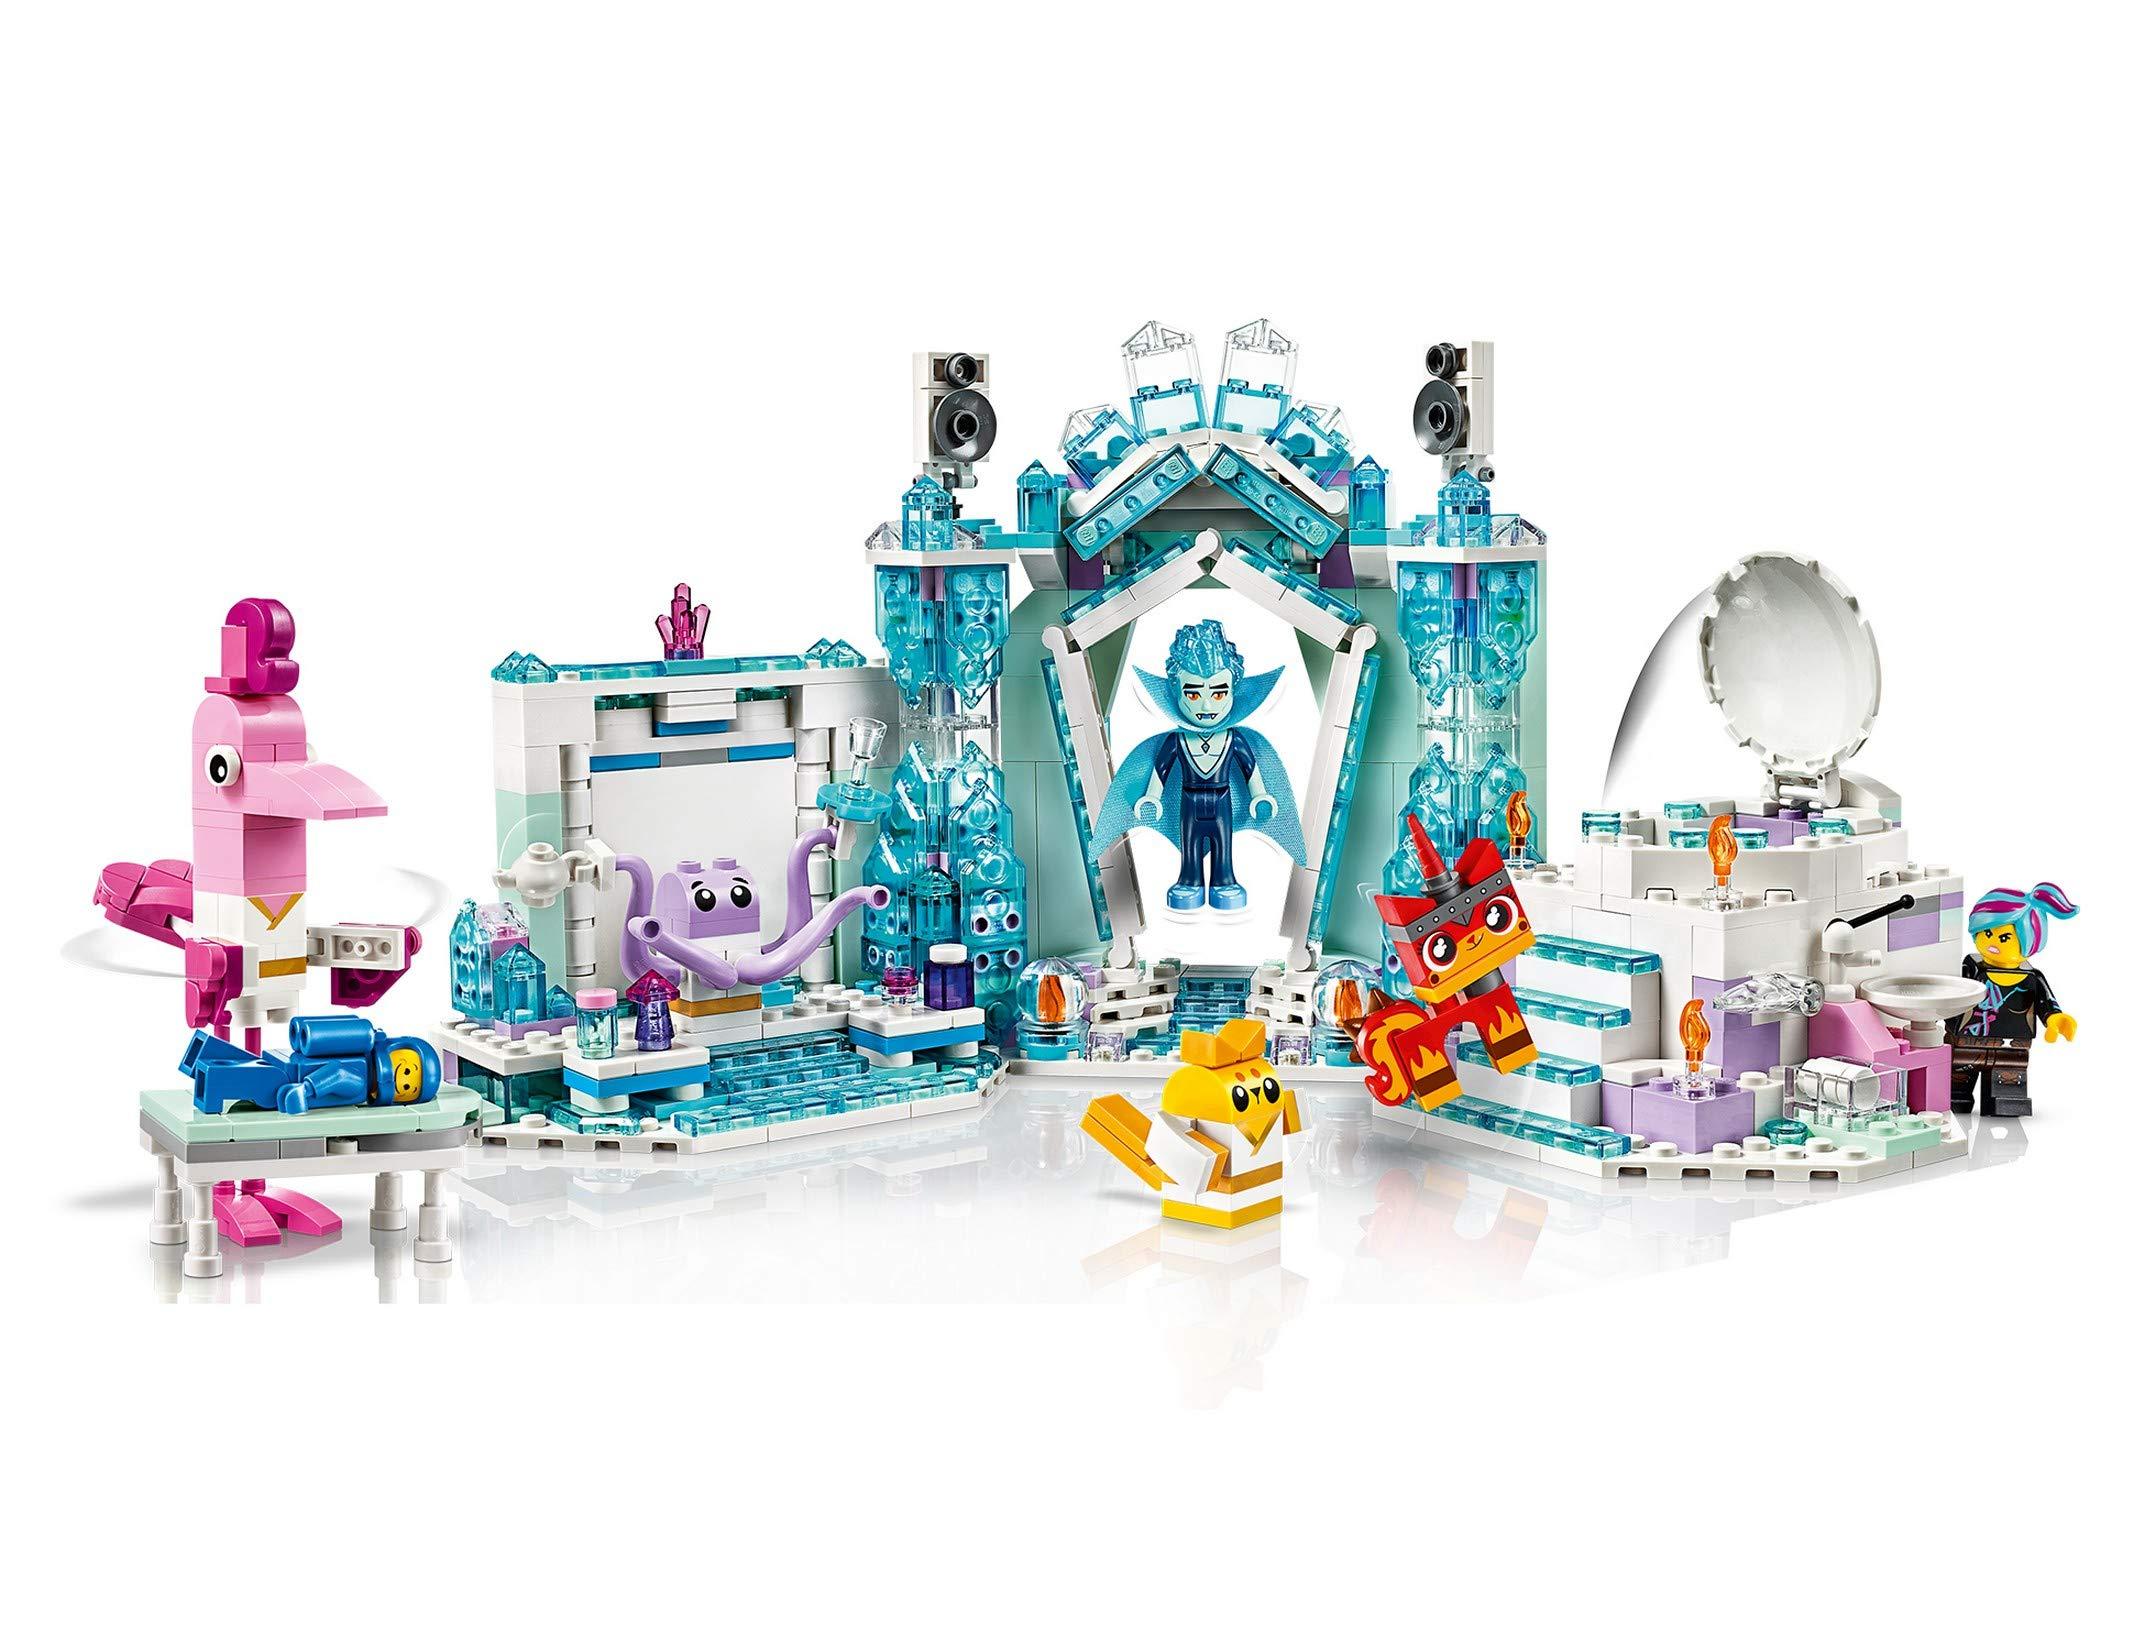 LEGO Movie - Gioco per Bambini Spa Brilla e Scintilla, Multicolore, 6250845 3 spesavip